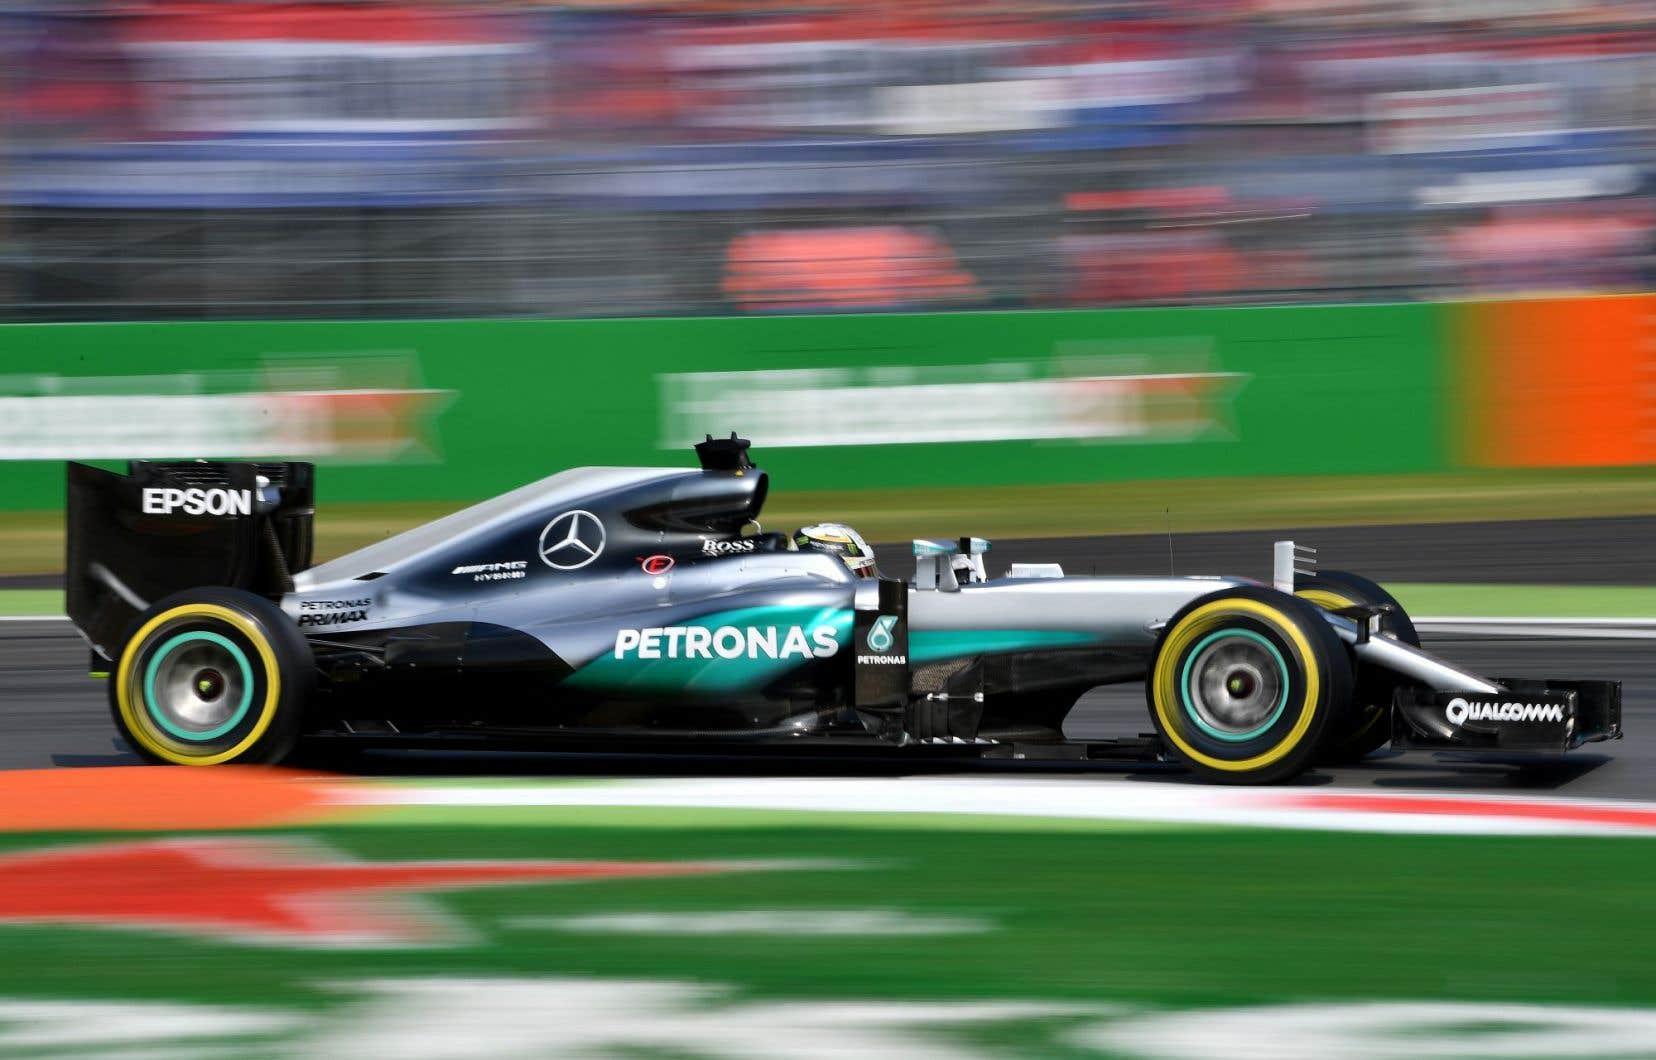 Hamilton en essai libre au Autodromo Nazionale, à Monza, vendredi